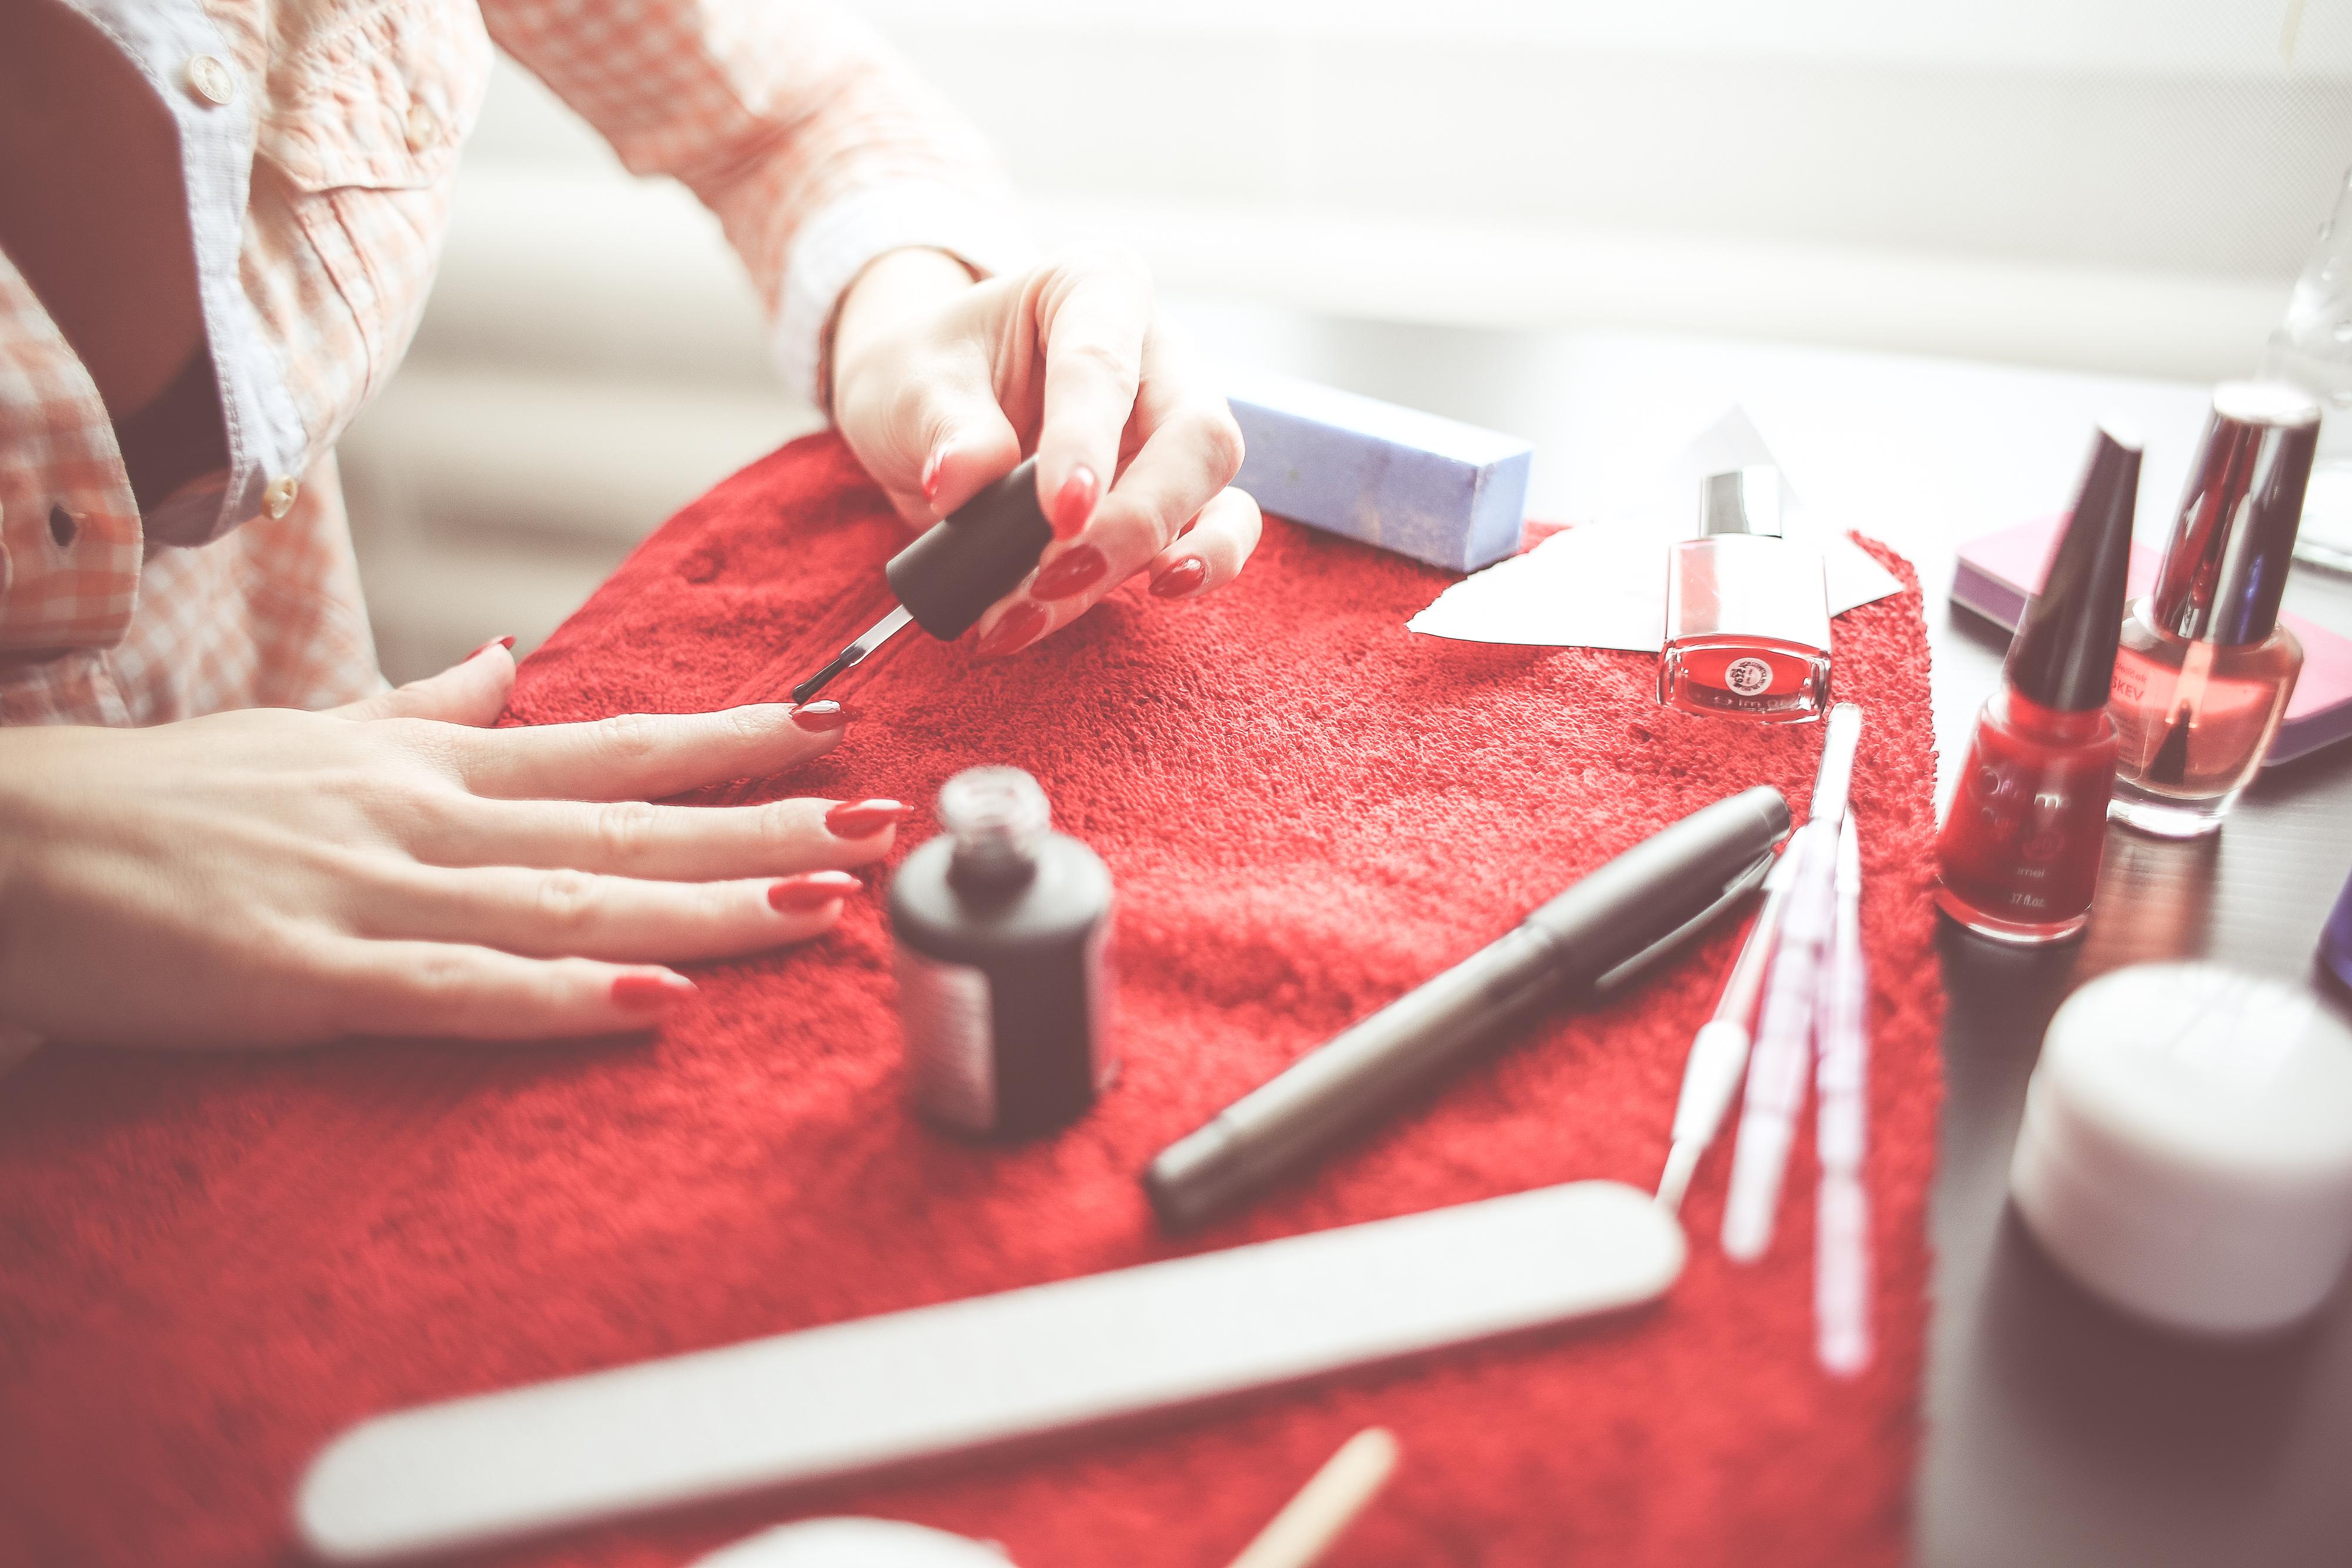 Akrylany w produktach do stylizacji paznokci